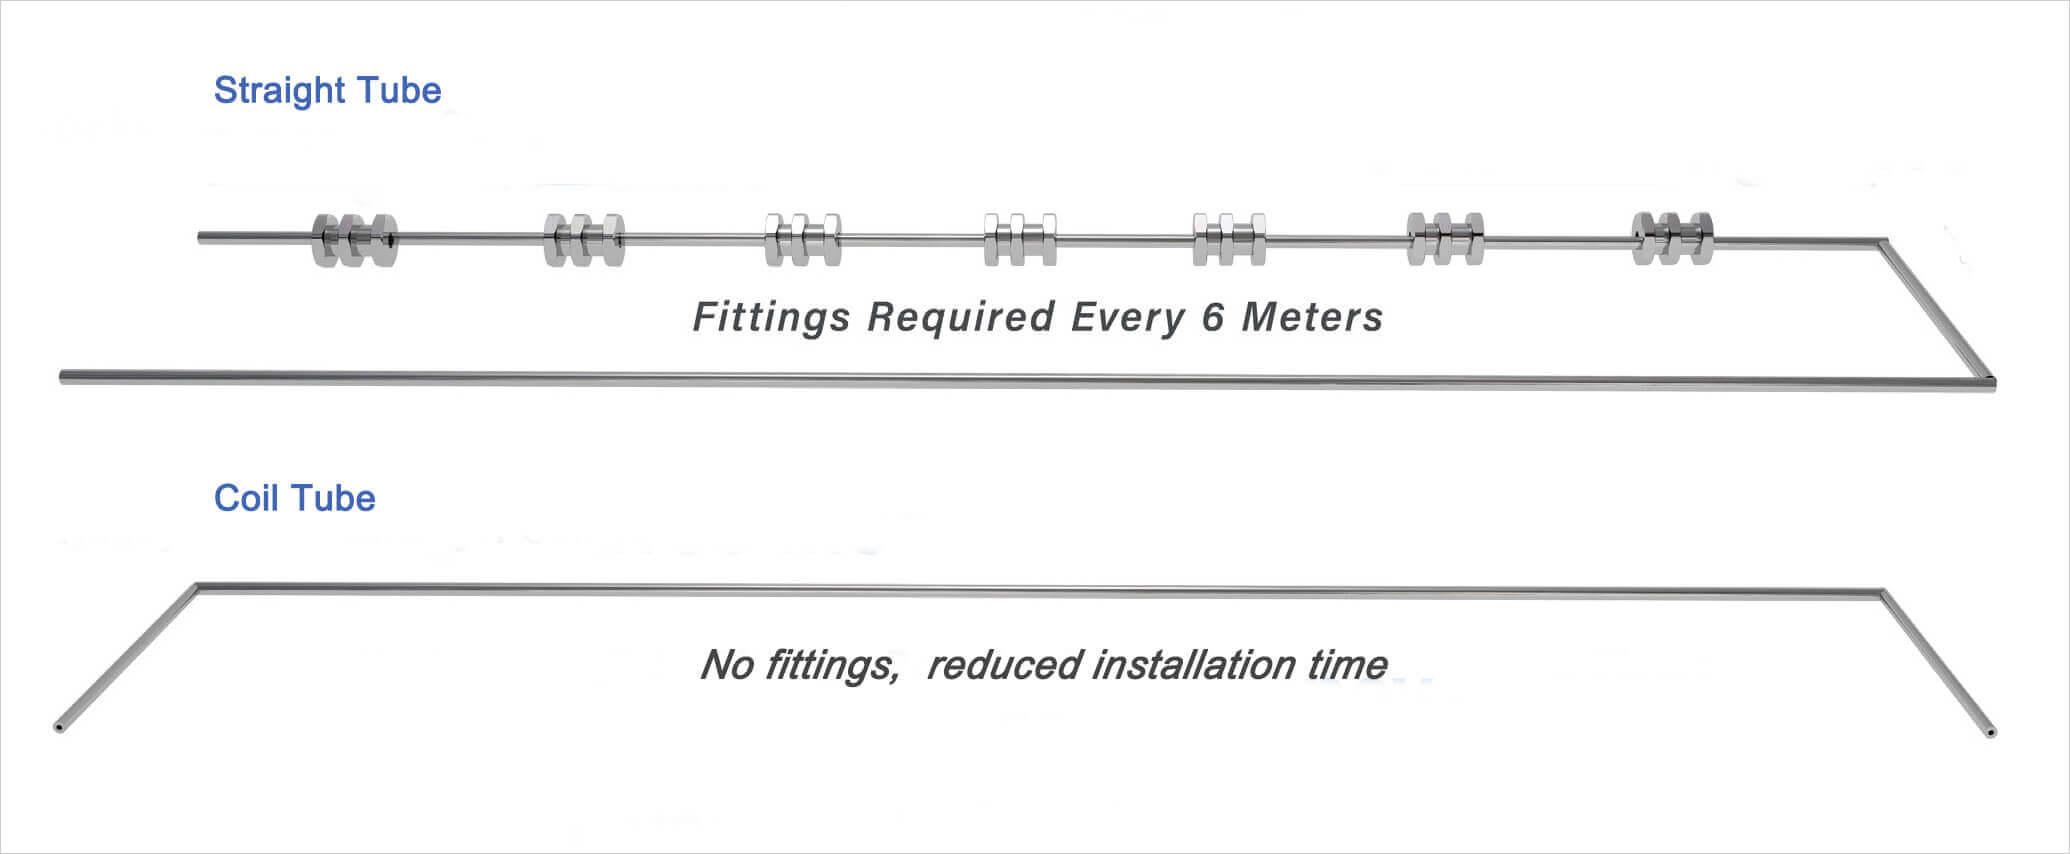 coil tube vs straight tube